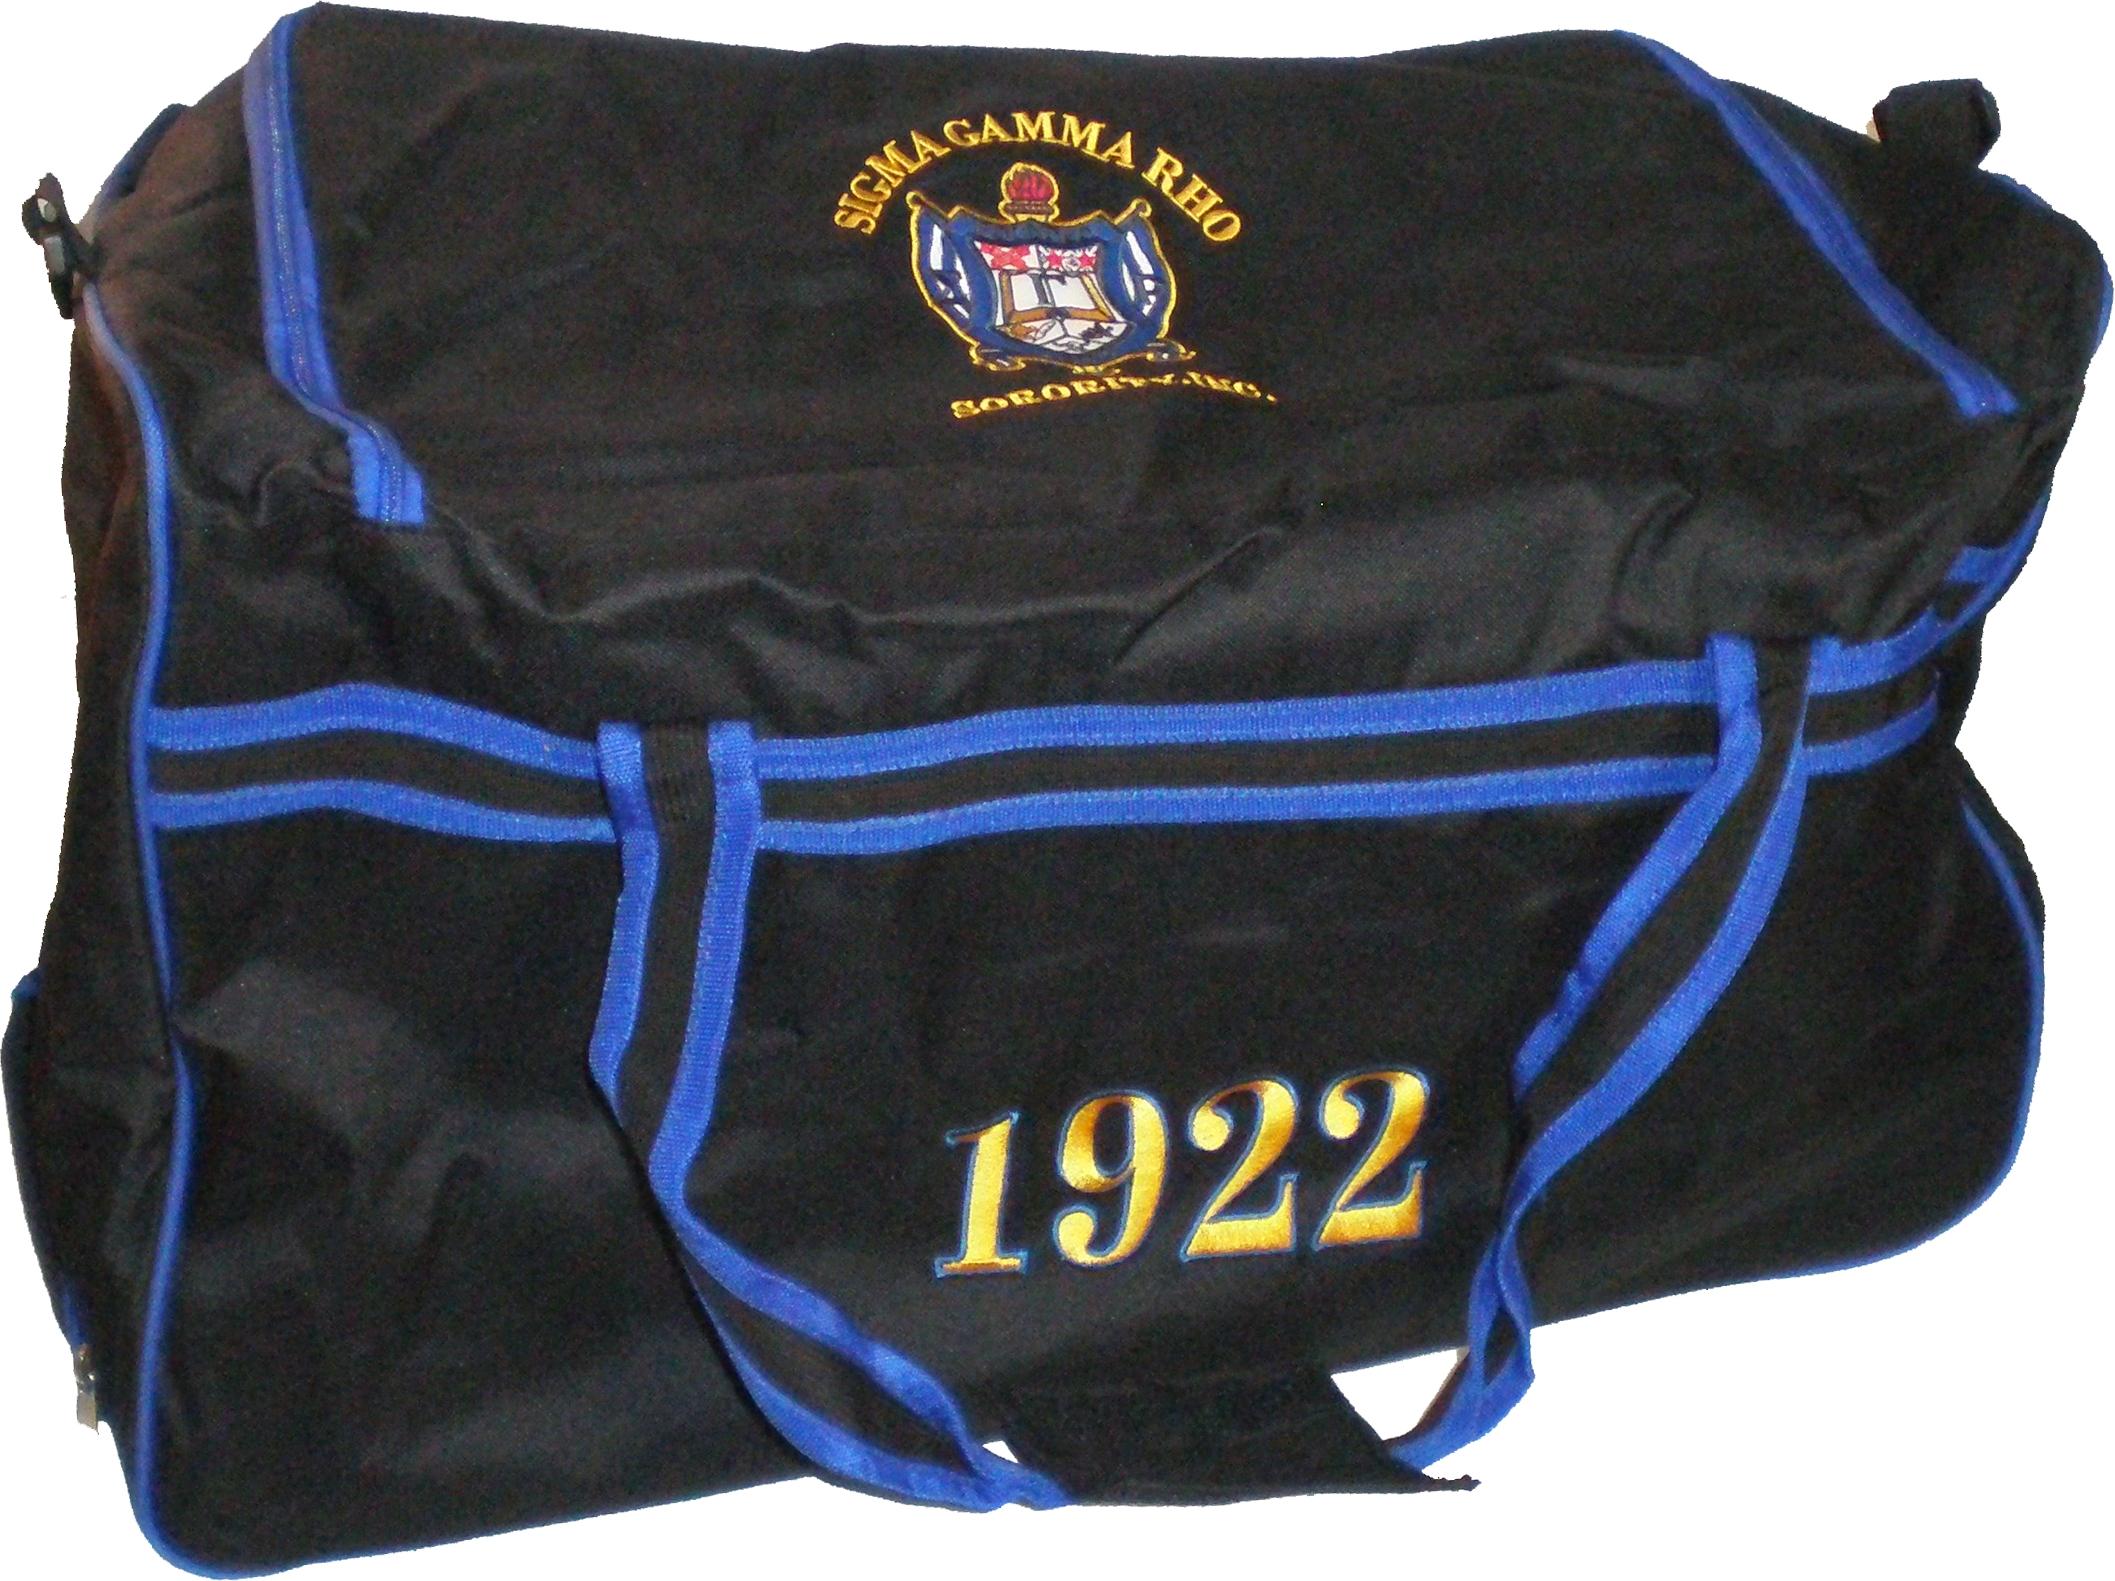 Buffalo Dallas Sigma Gamma Rho Carry On Luggage Trolley